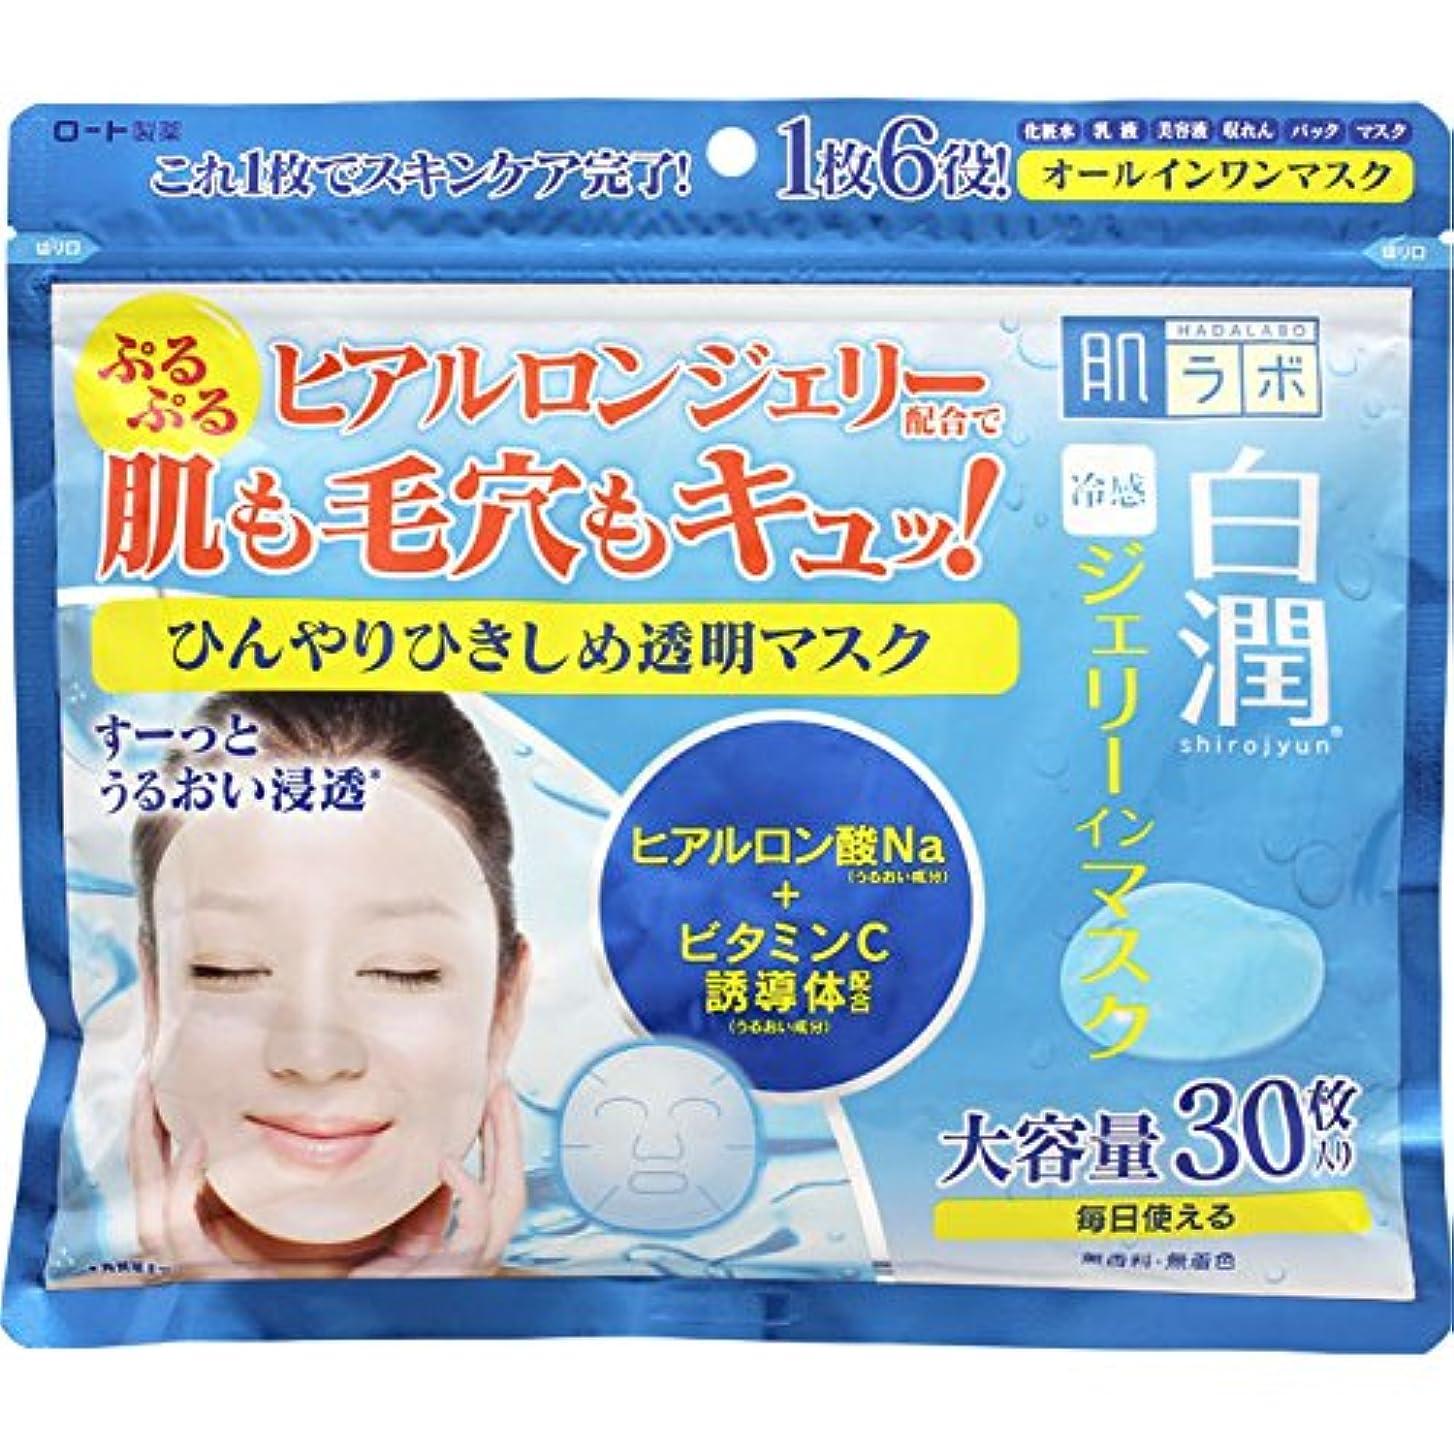 シーサイド確率ギネス肌ラボ 白潤 冷感ジェリーインマスク 化粧水?乳液?美容液?収れん?パック?マスクの1枚6役 大容量30枚